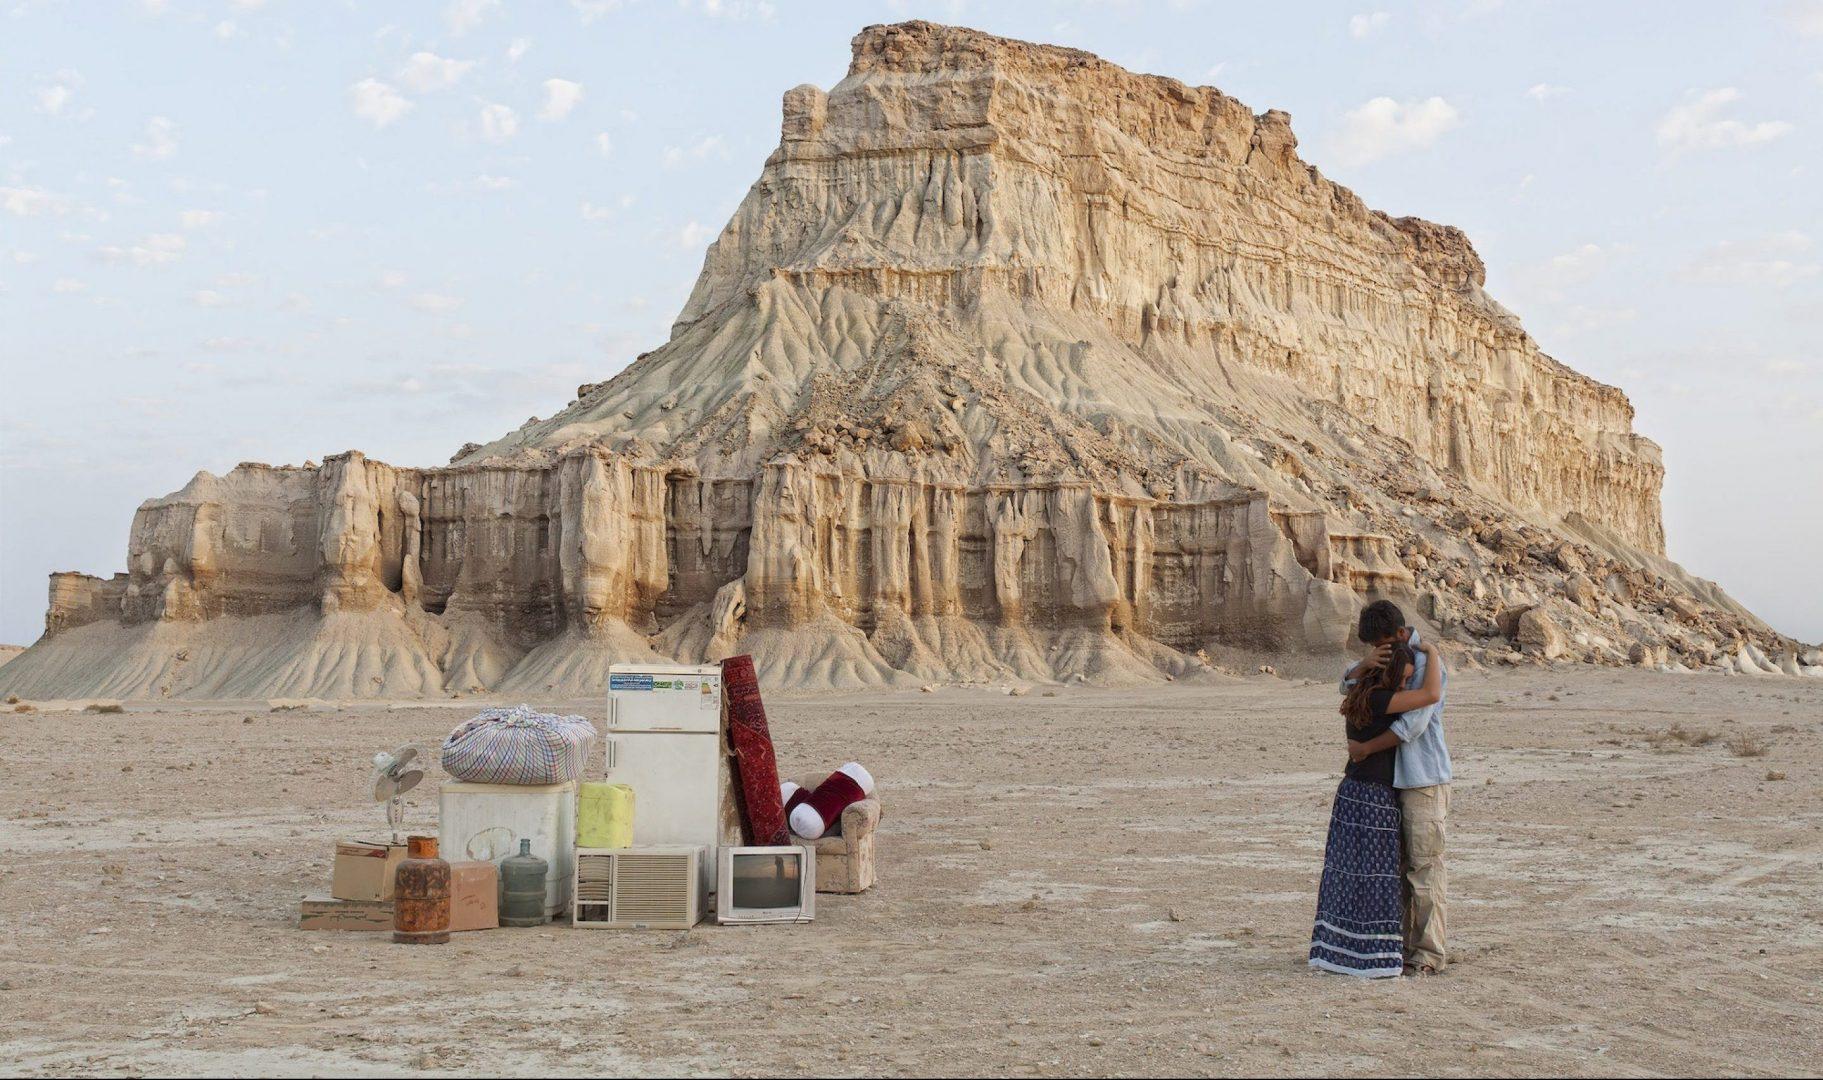 Stateless, il progetto fotografico di Gohar Dashti